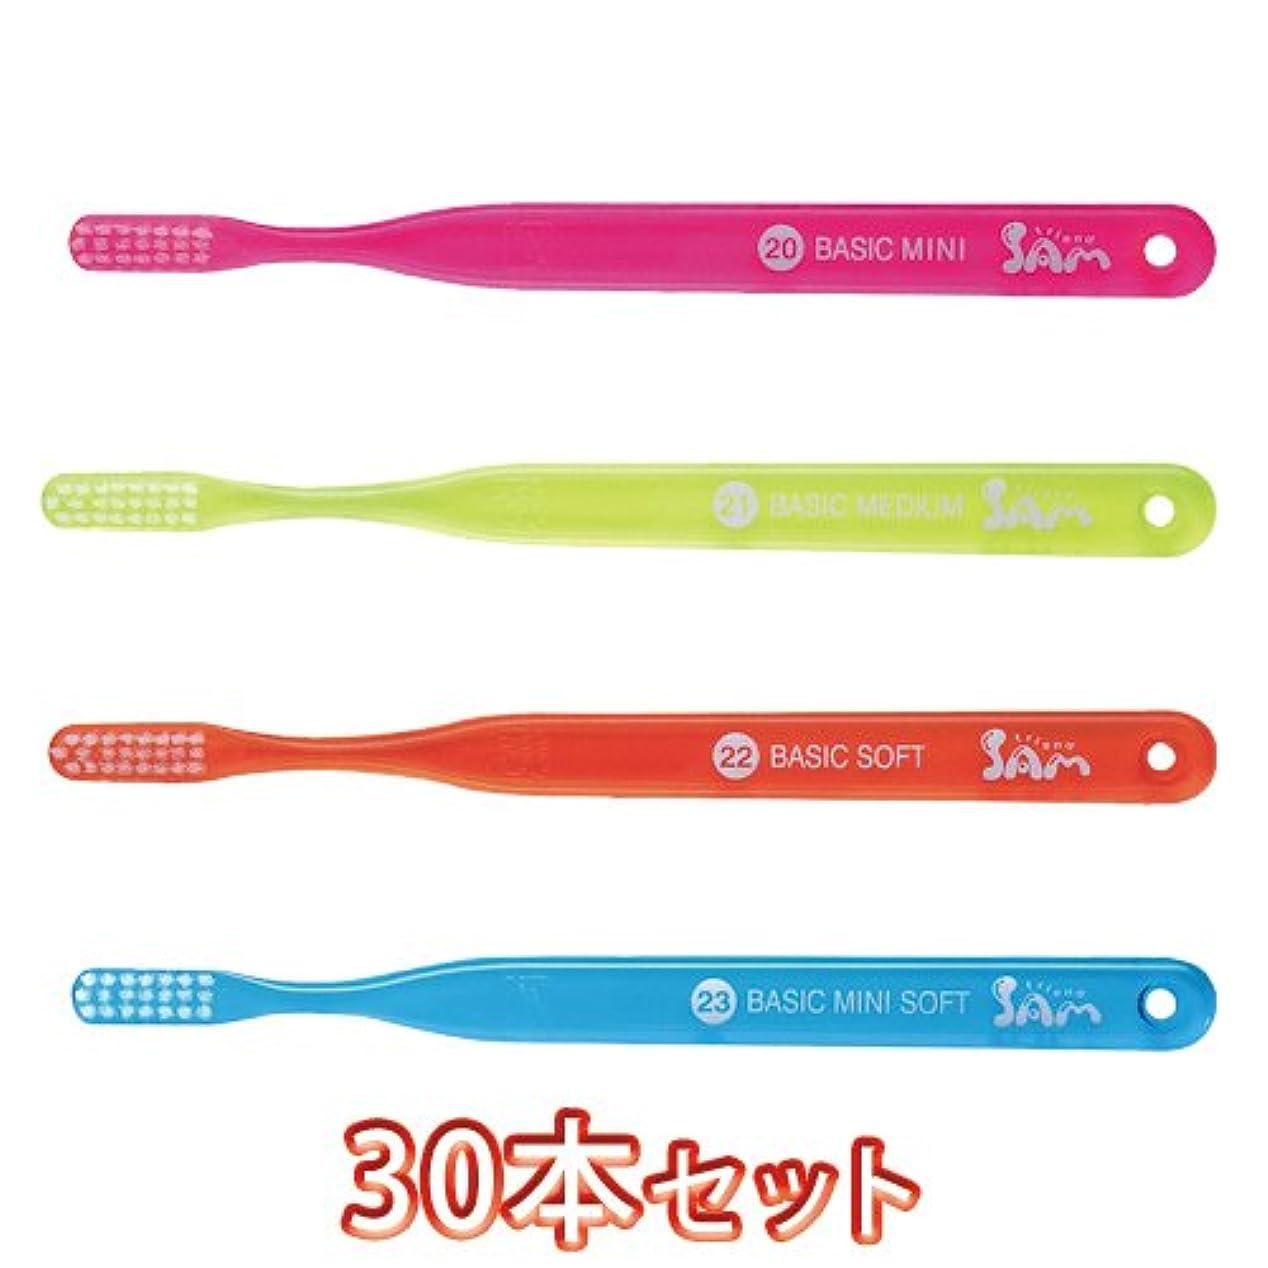 サムフレンドベーシック歯ブラシ30本入(20/21/22/23) (?21)